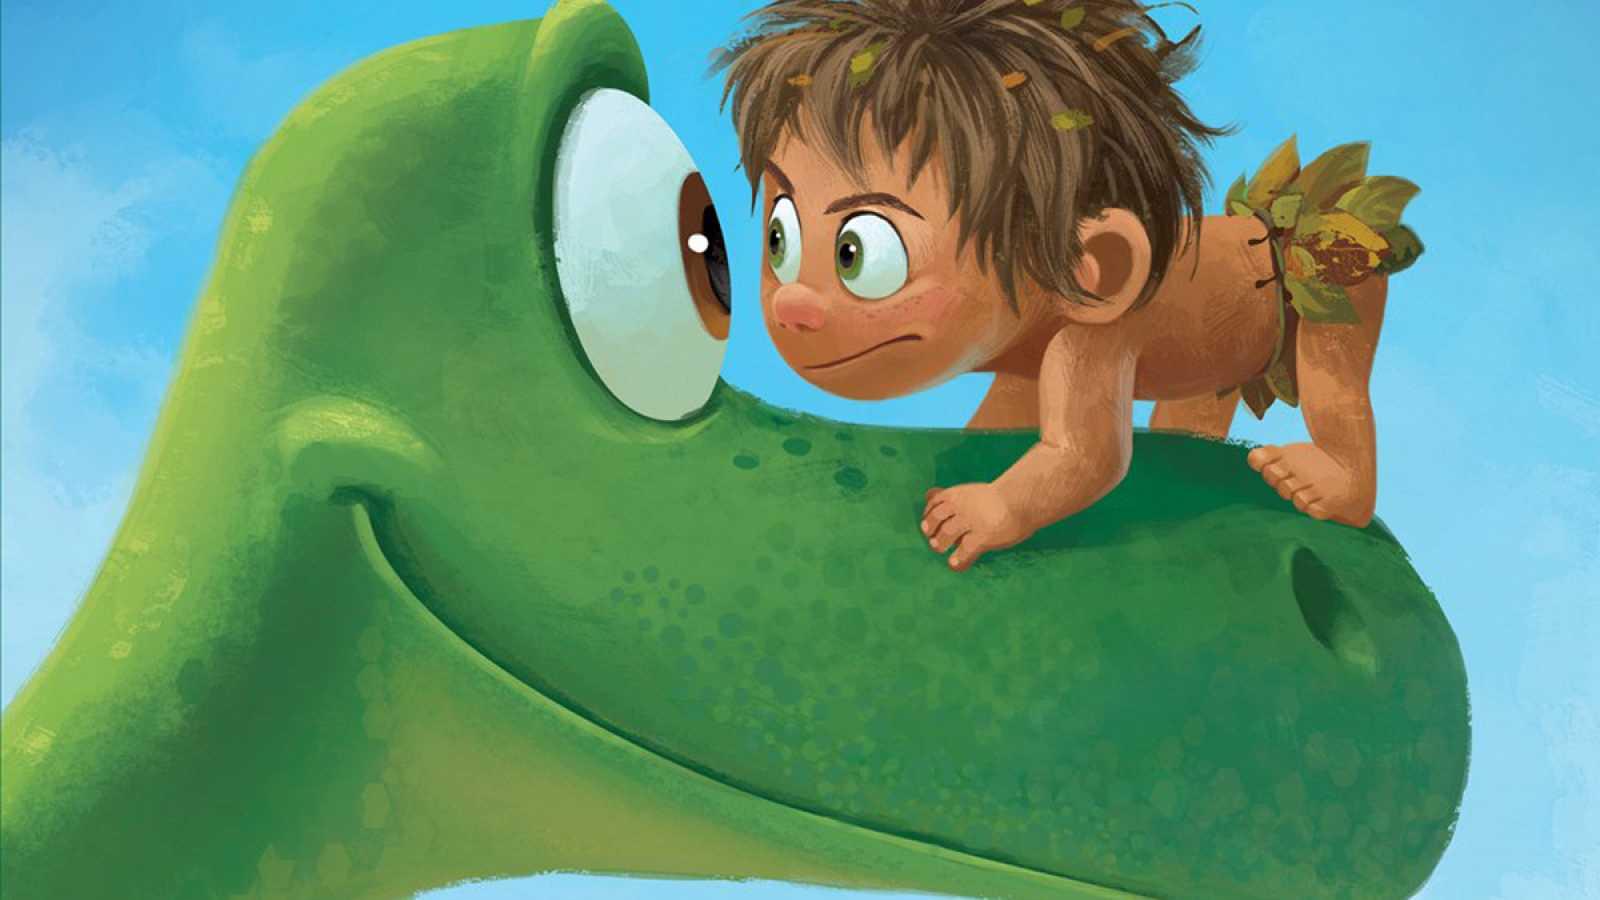 Hay Un Amigo En Mí 20 Años De Amistad En Las Películas De Disney Pixar Rtve Es